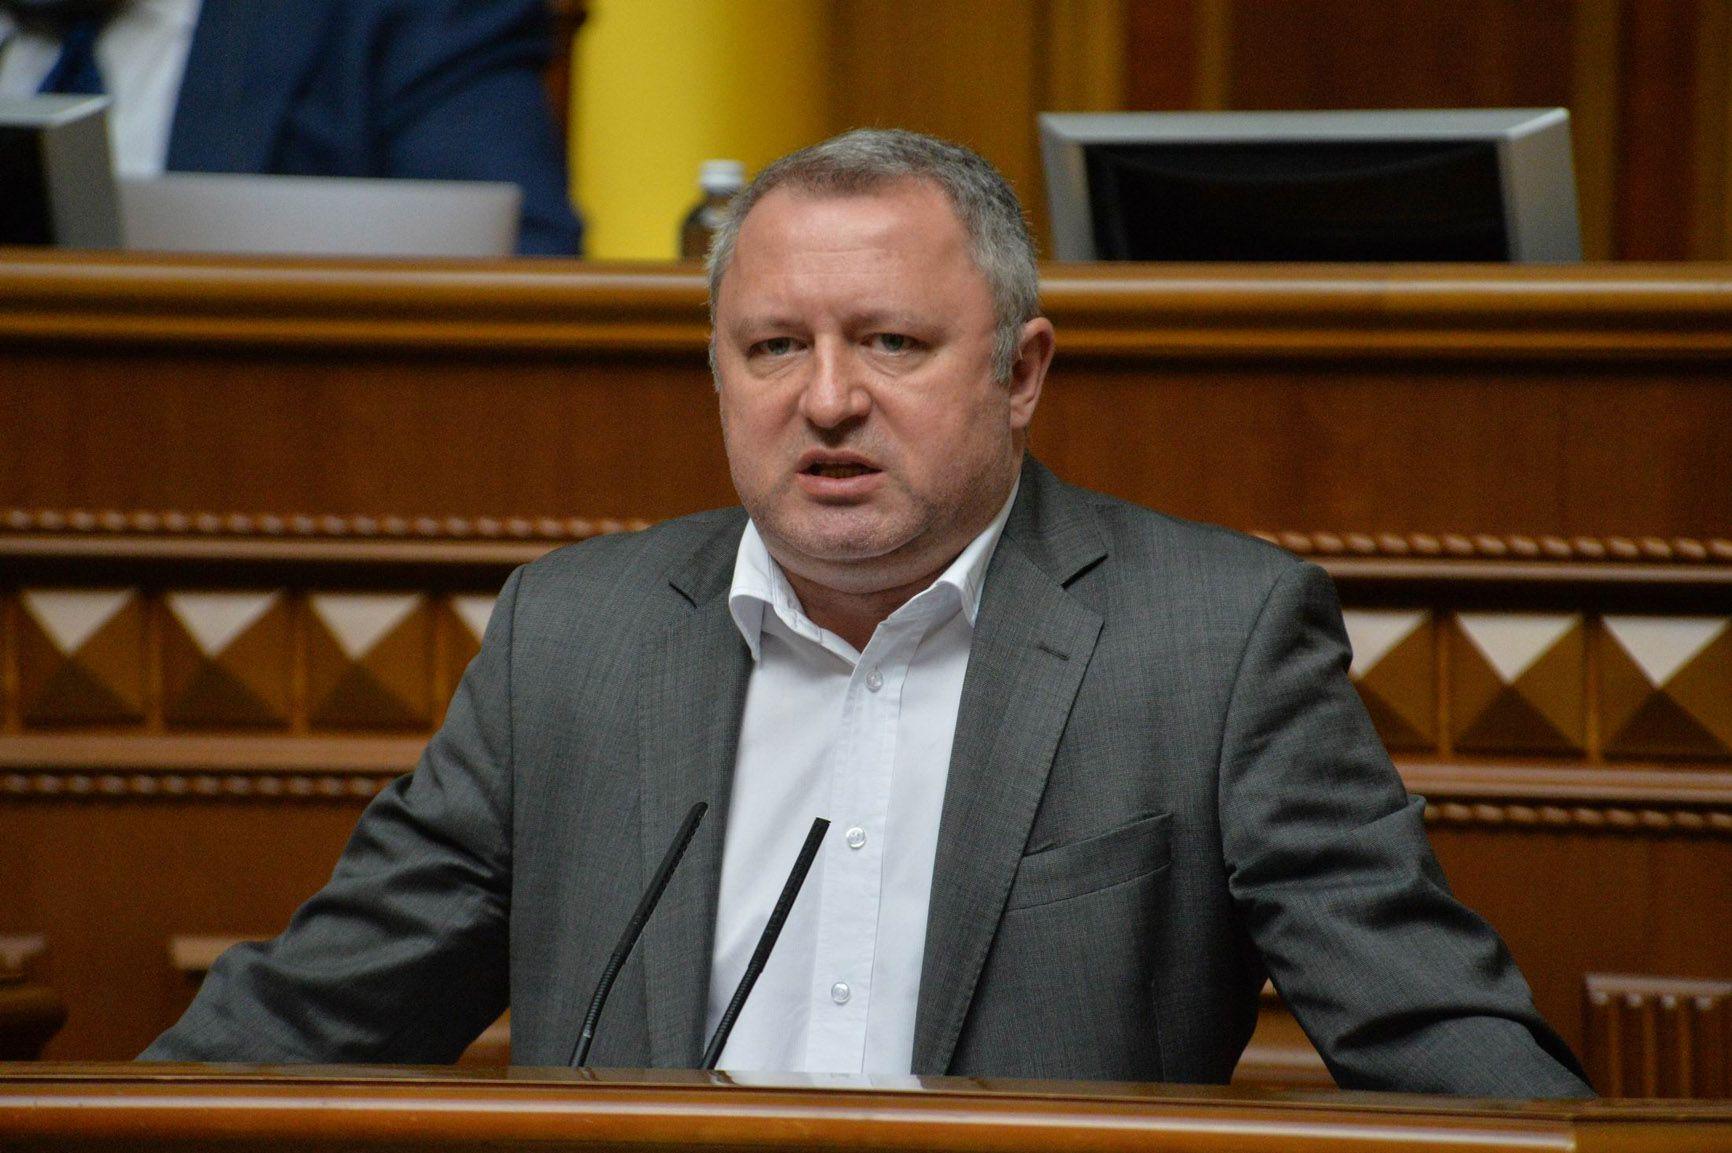 Принят законопроект о возобновлении работы Высшей квалификационной комиссии судей